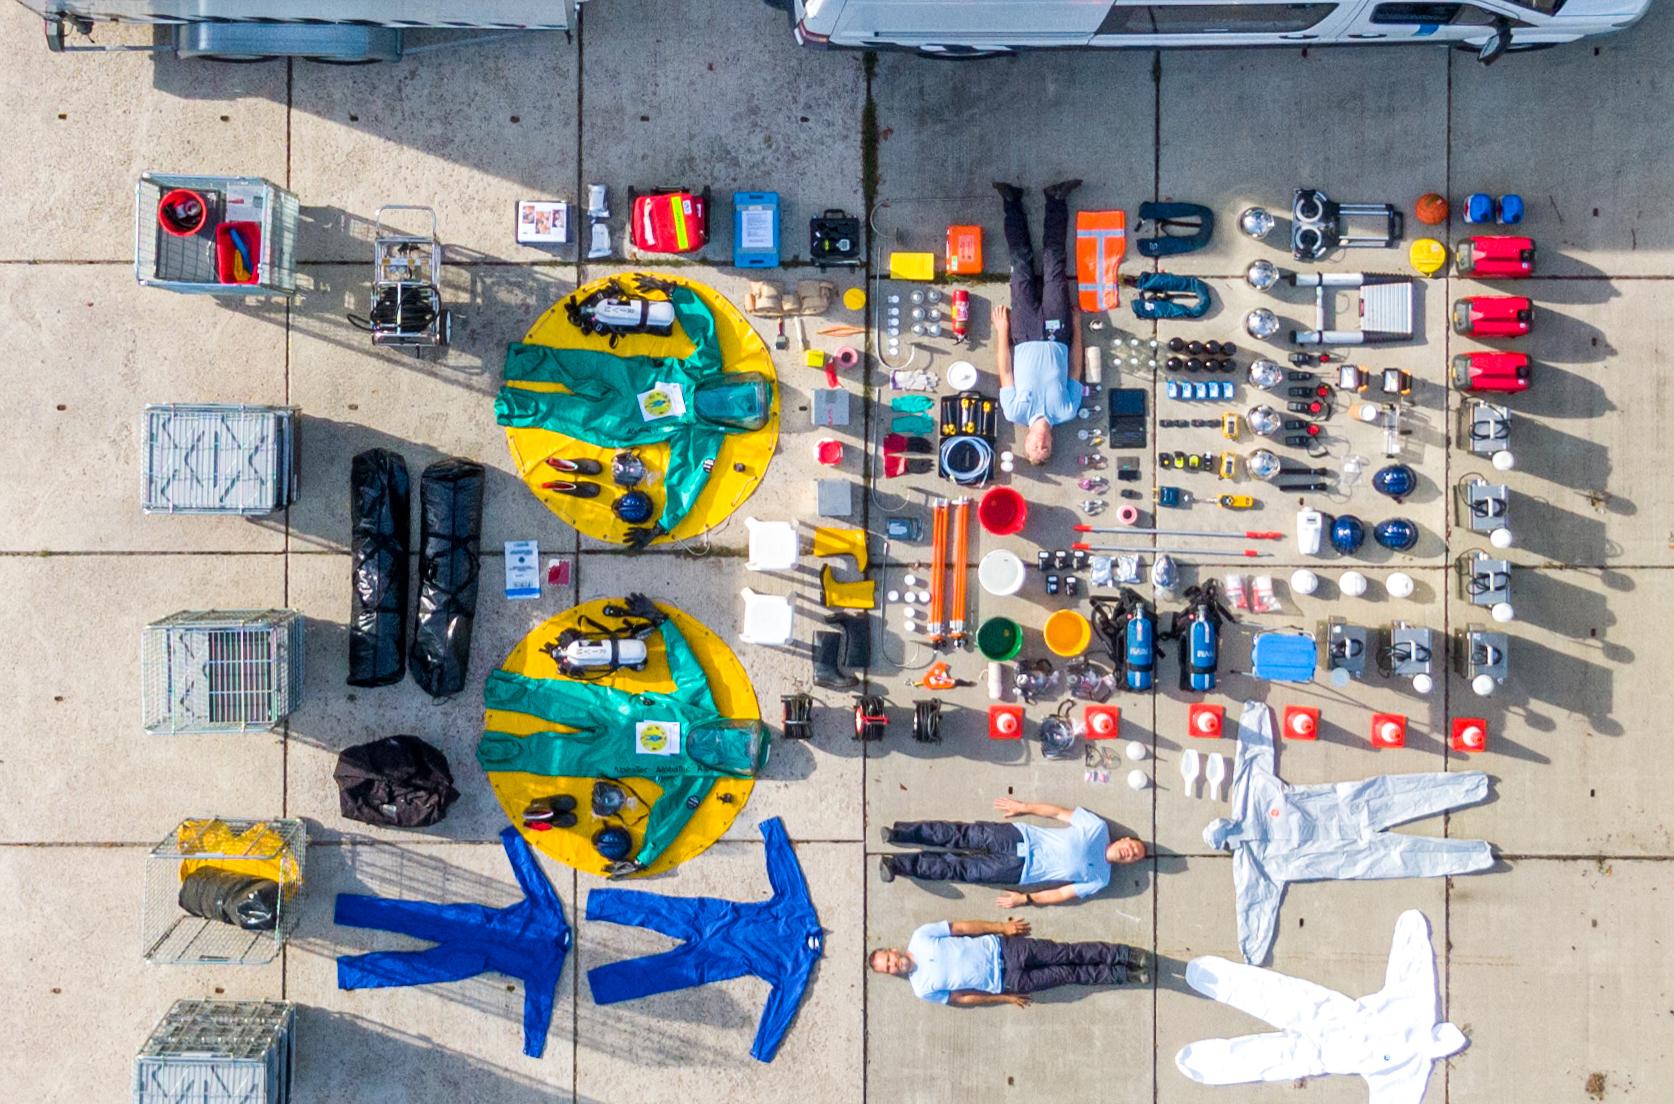 Luchtfoto van de inhoud van een wagen van de responsorganisatie RIVM, nav de zogenaamde tetrischallenge